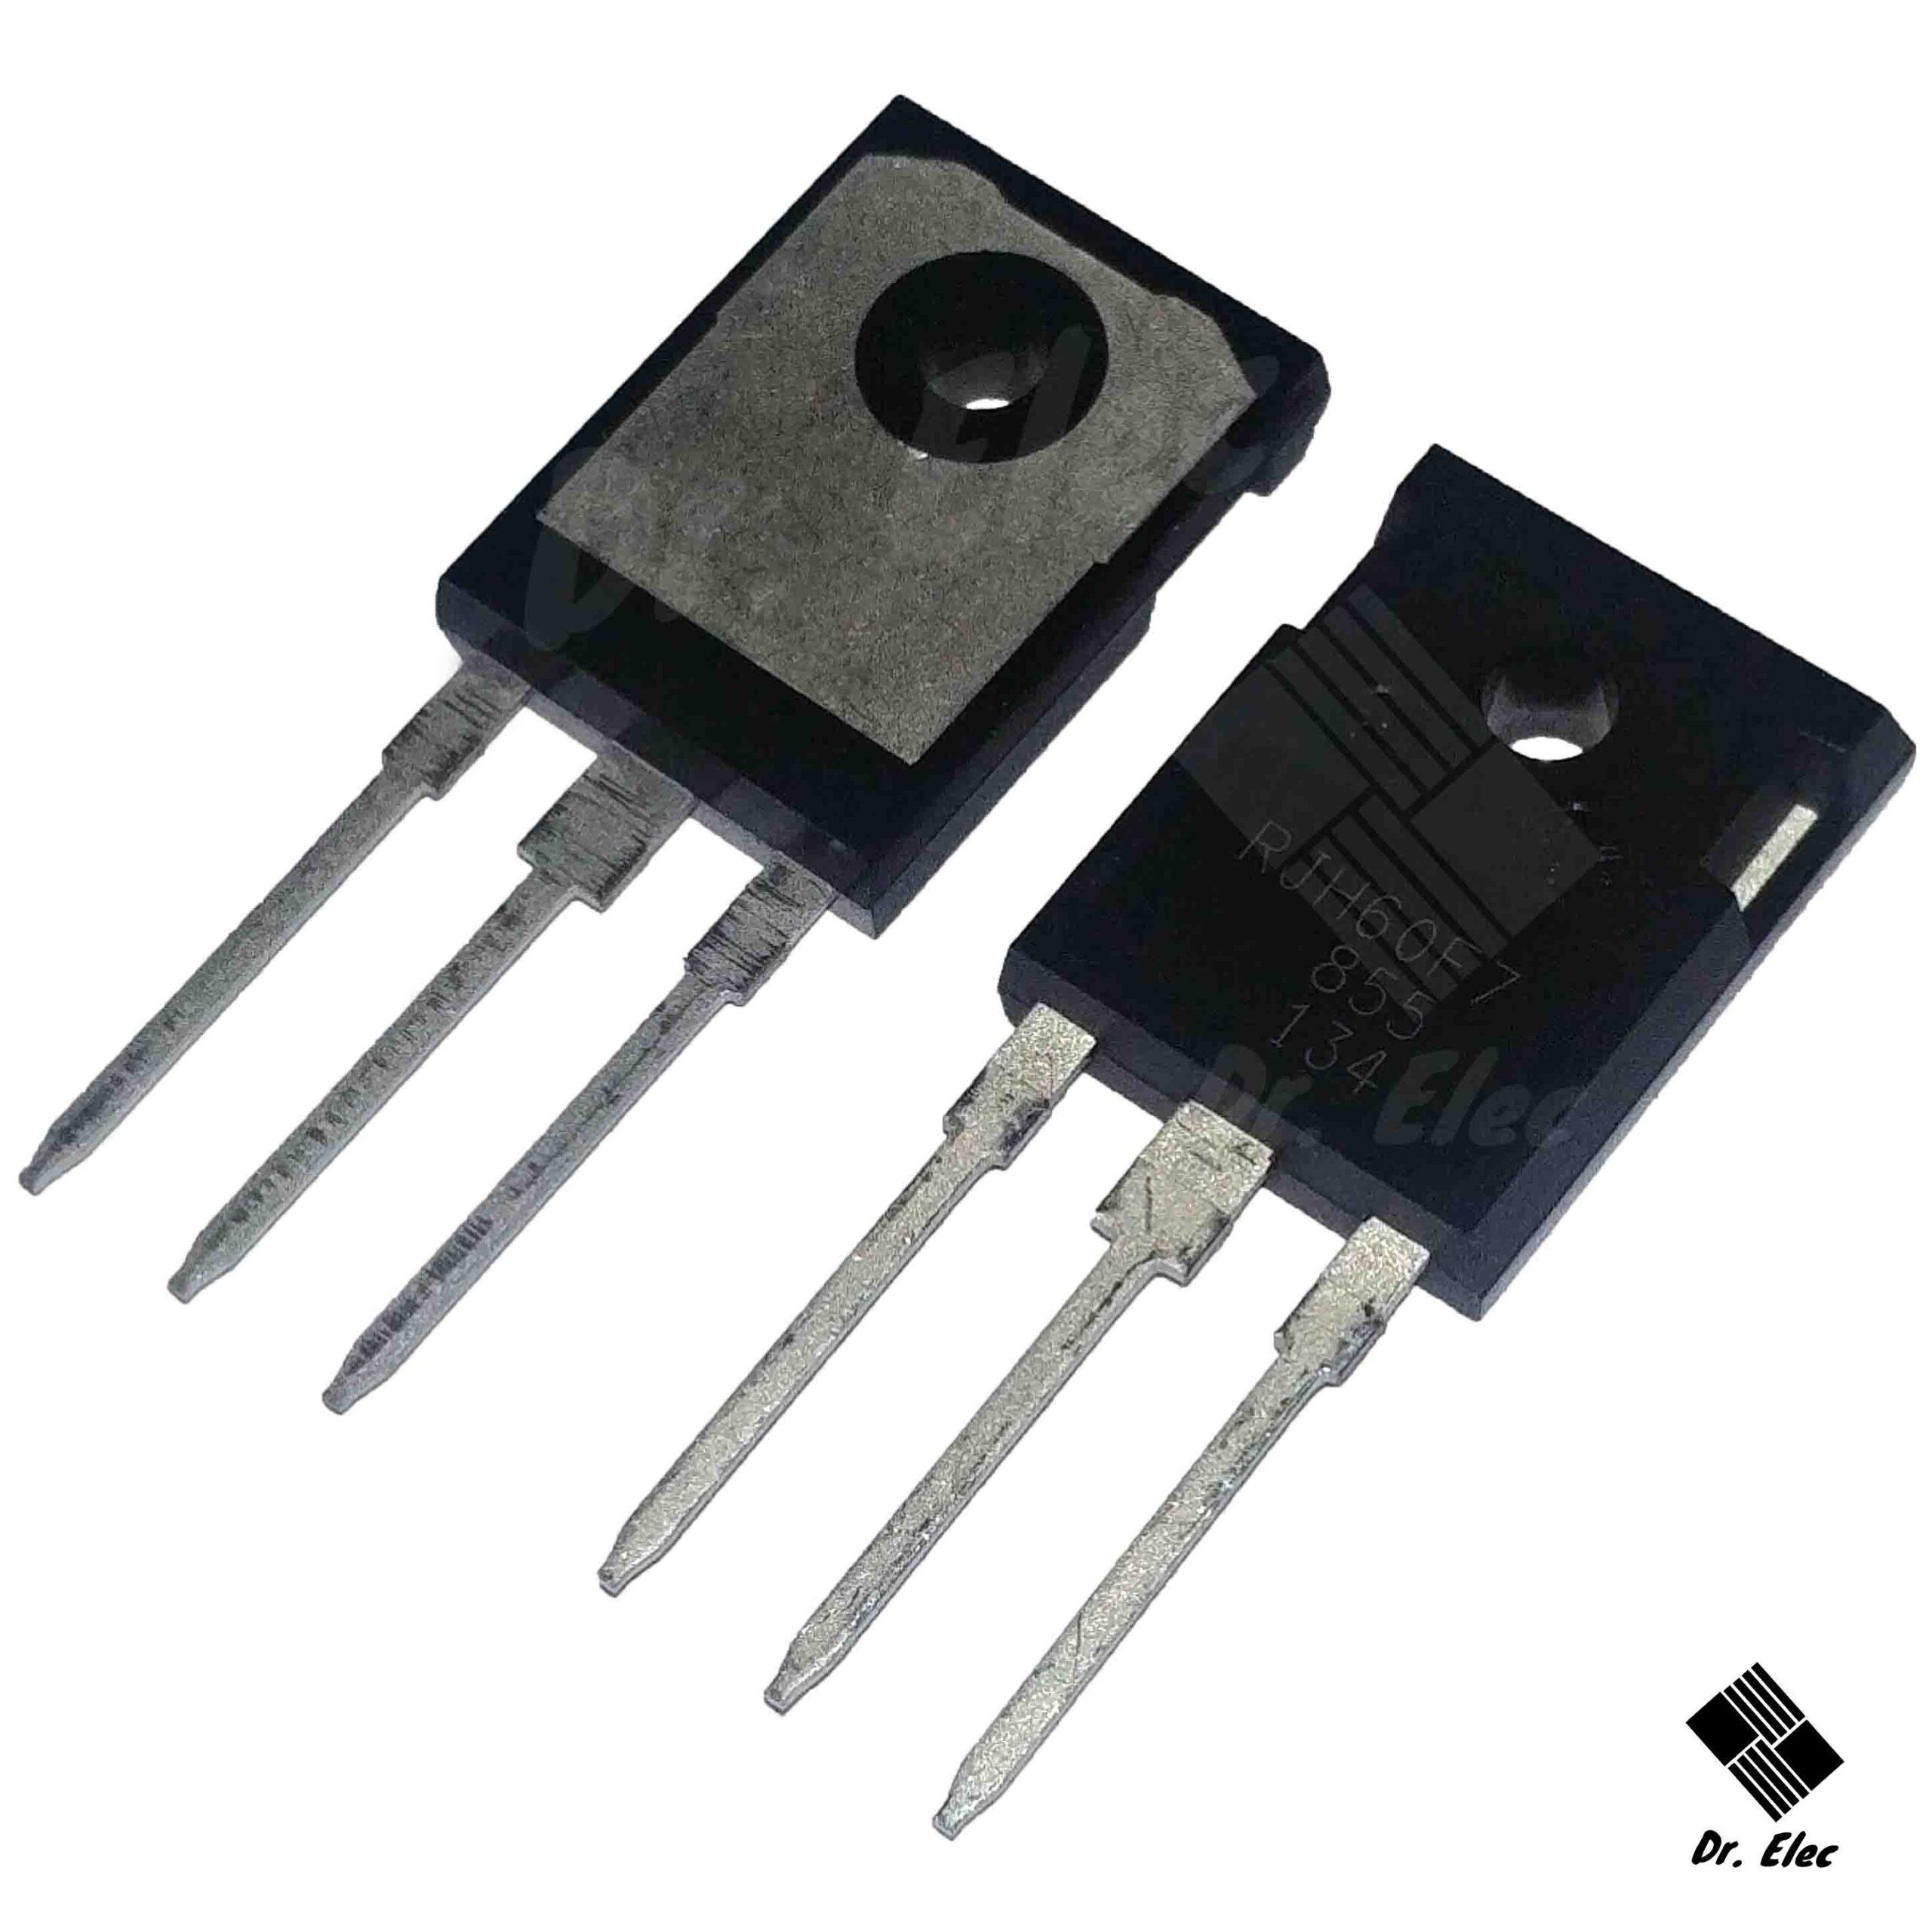 آی جی بی تی RJH60F7 ترانزیستور RJH60F7